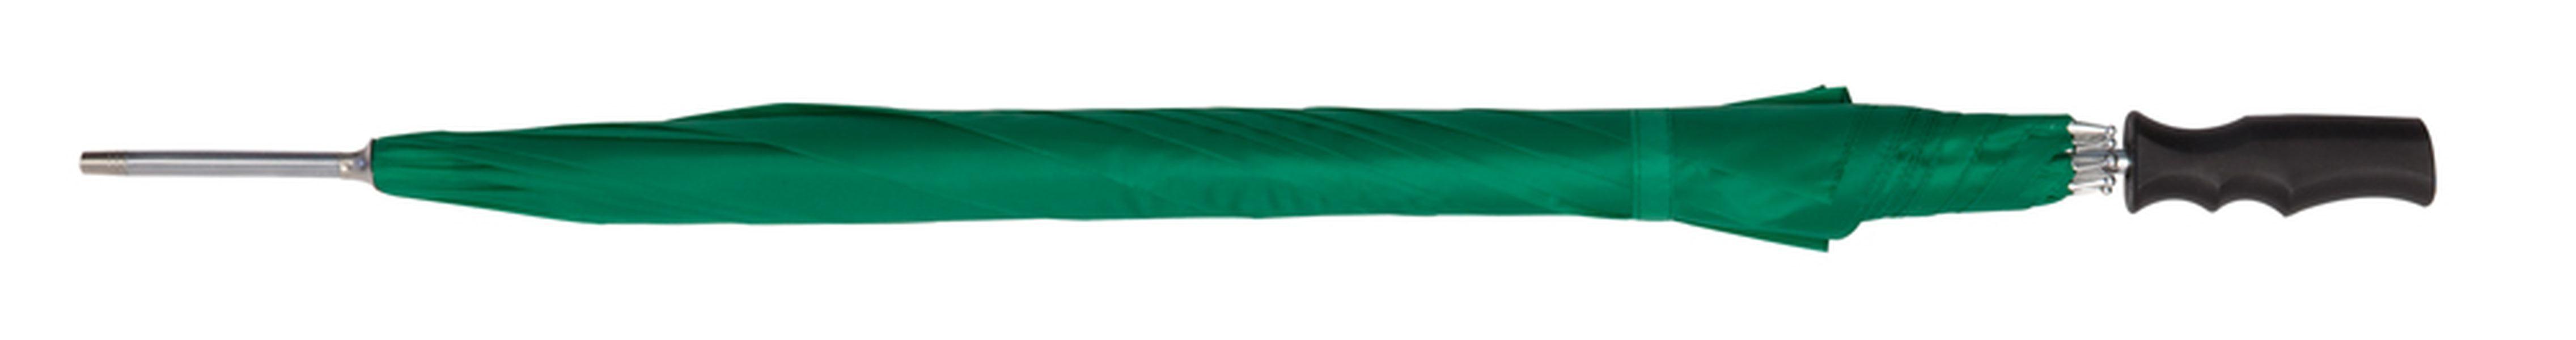 Monsun zelený deštník